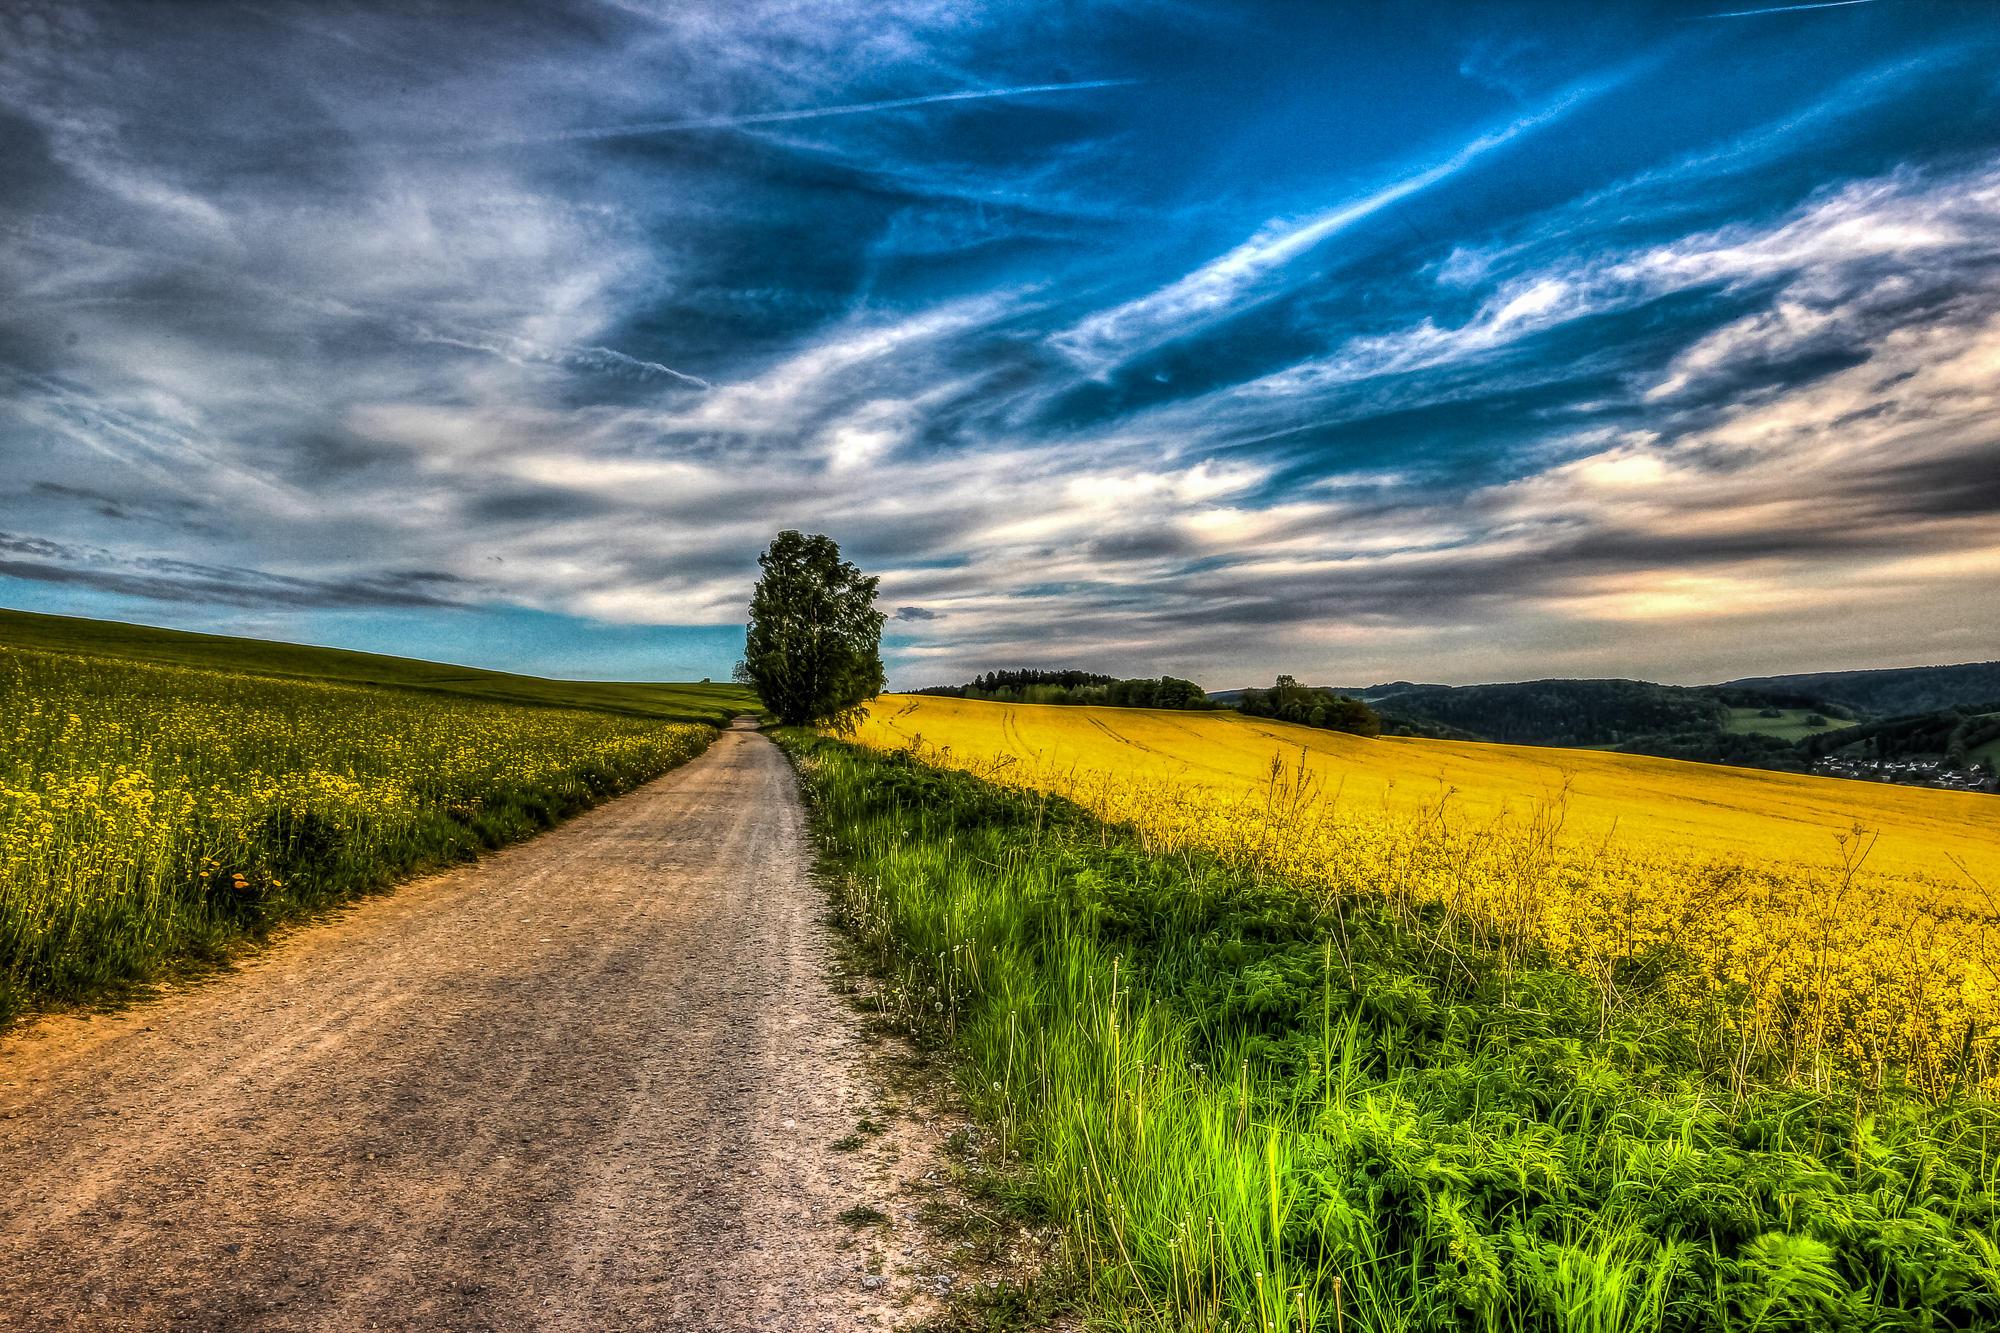 Обои закат, поле, дорога, деревья